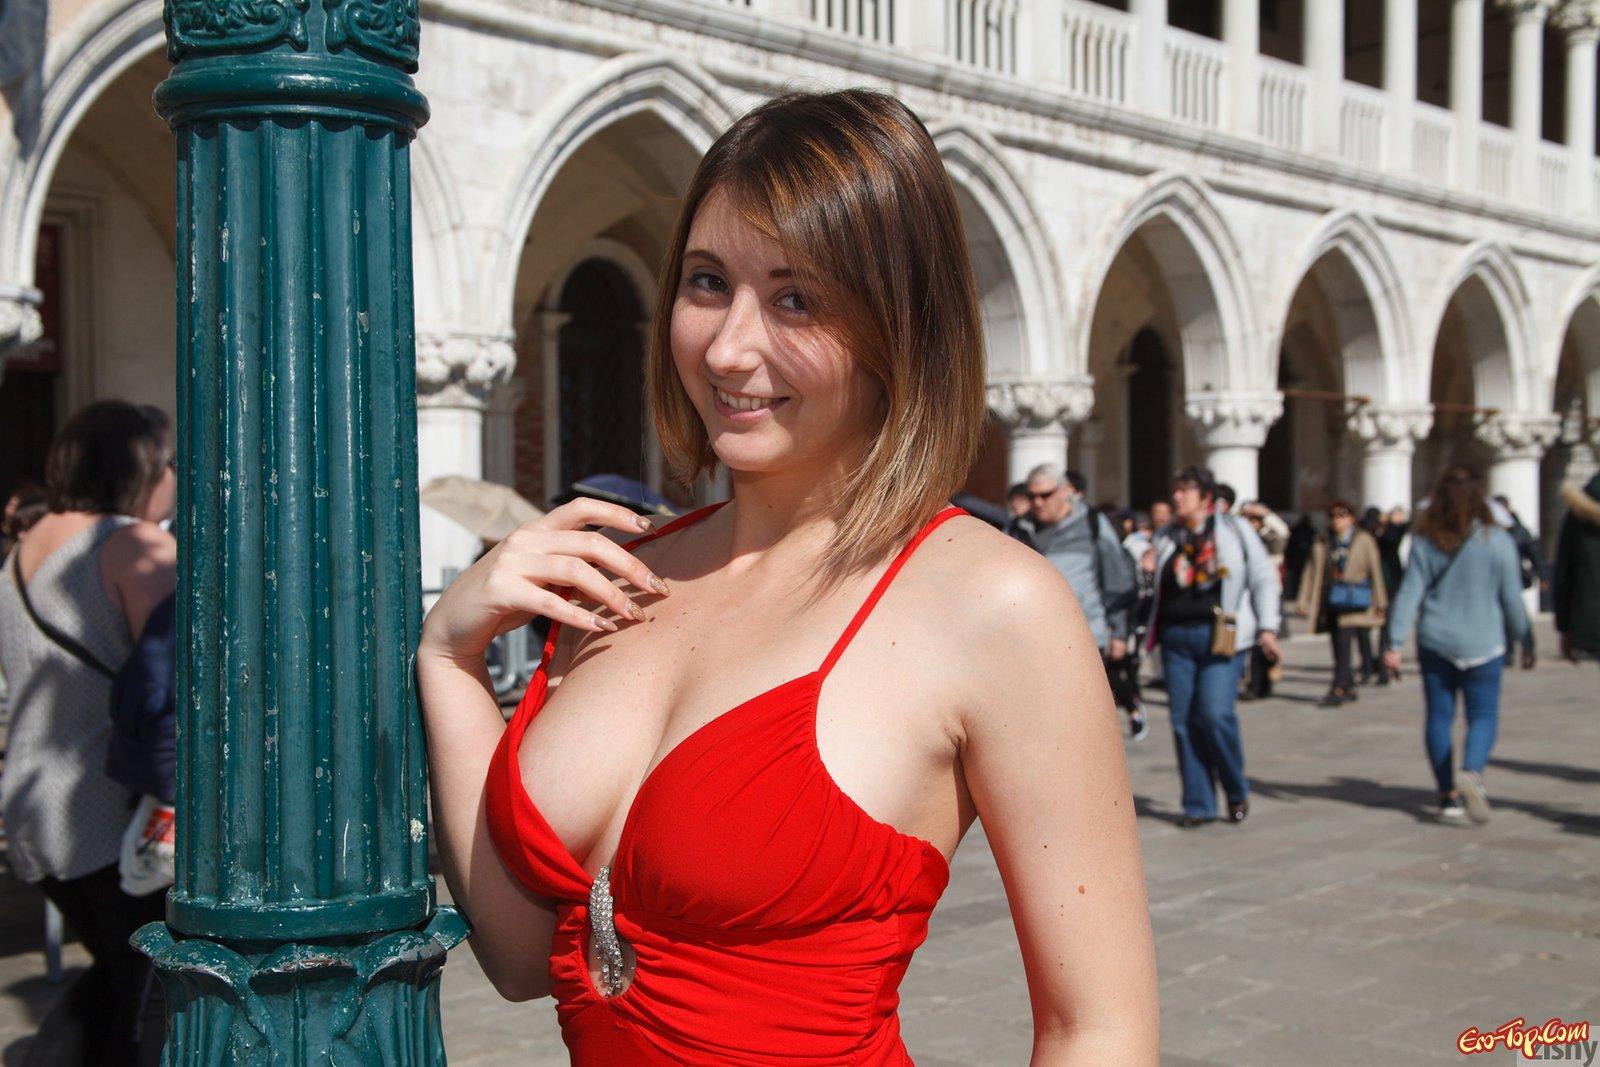 Аппетитная девушка показала пышную грудь - фото